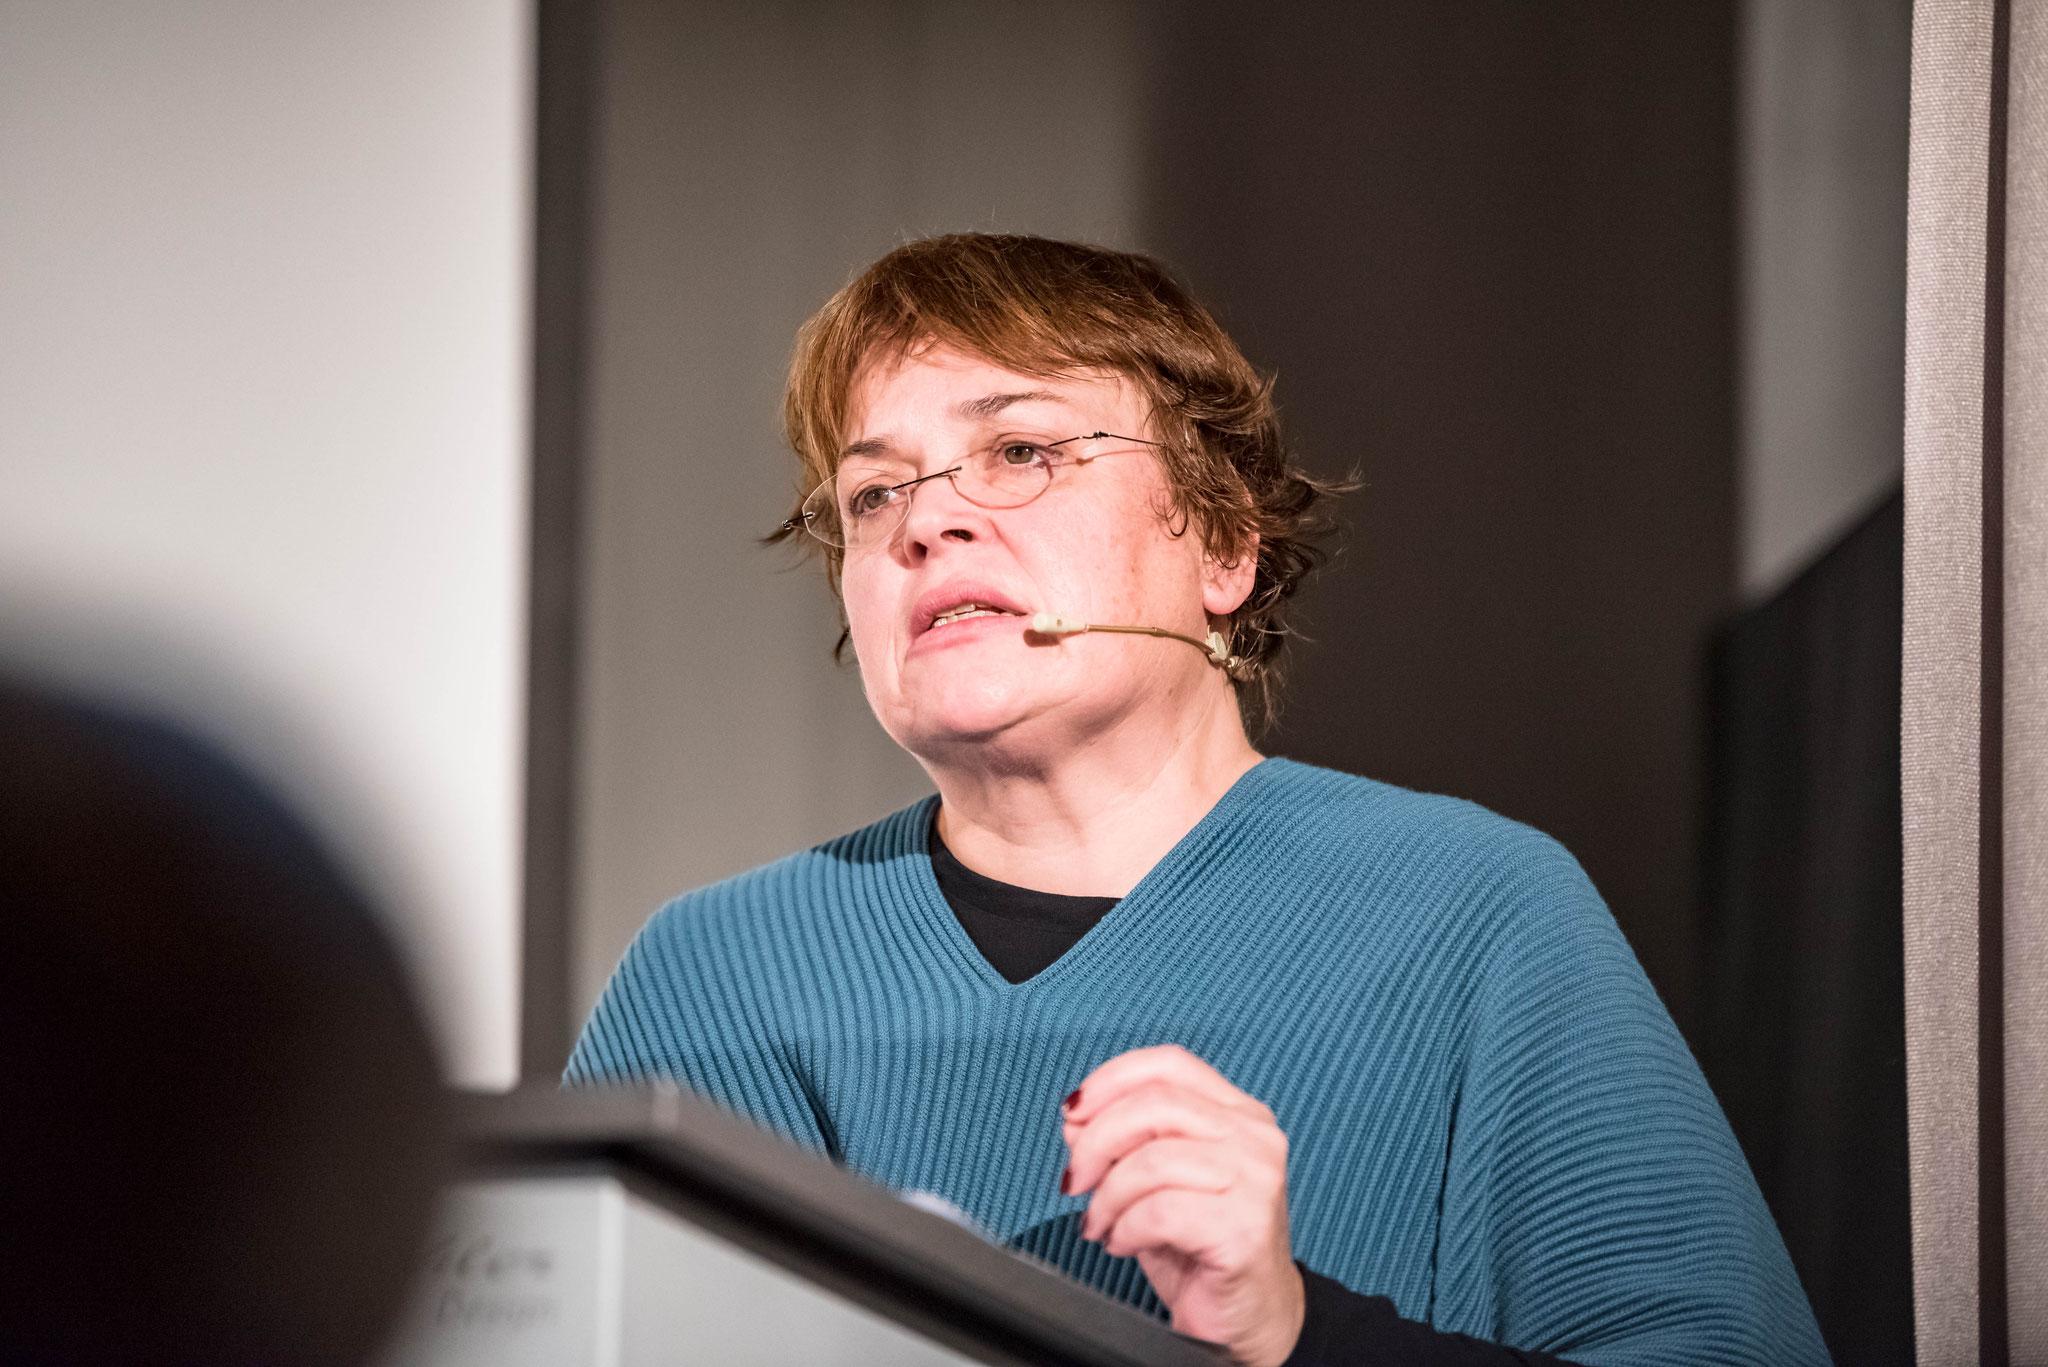 Prof. Dr. Angela Berlis (doyenne de la faculté de théologie de l'Université de Berne)